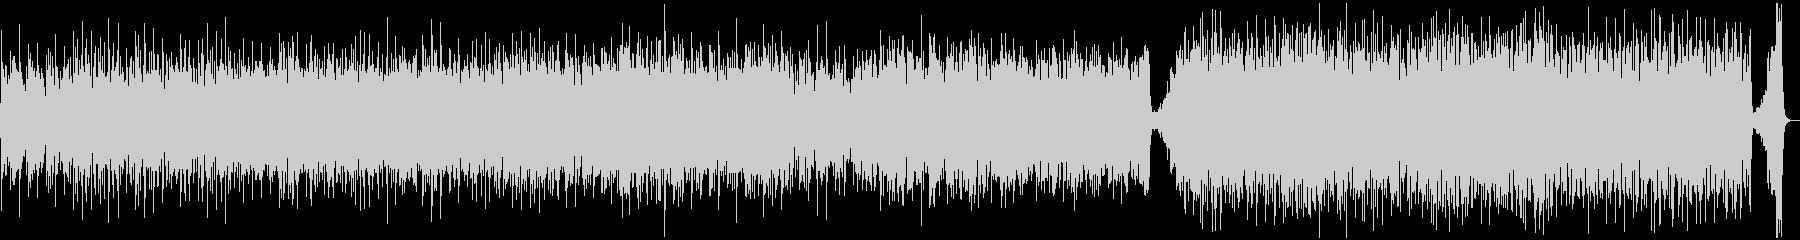 民族音楽・シルクロード・モンゴル・トルコの未再生の波形